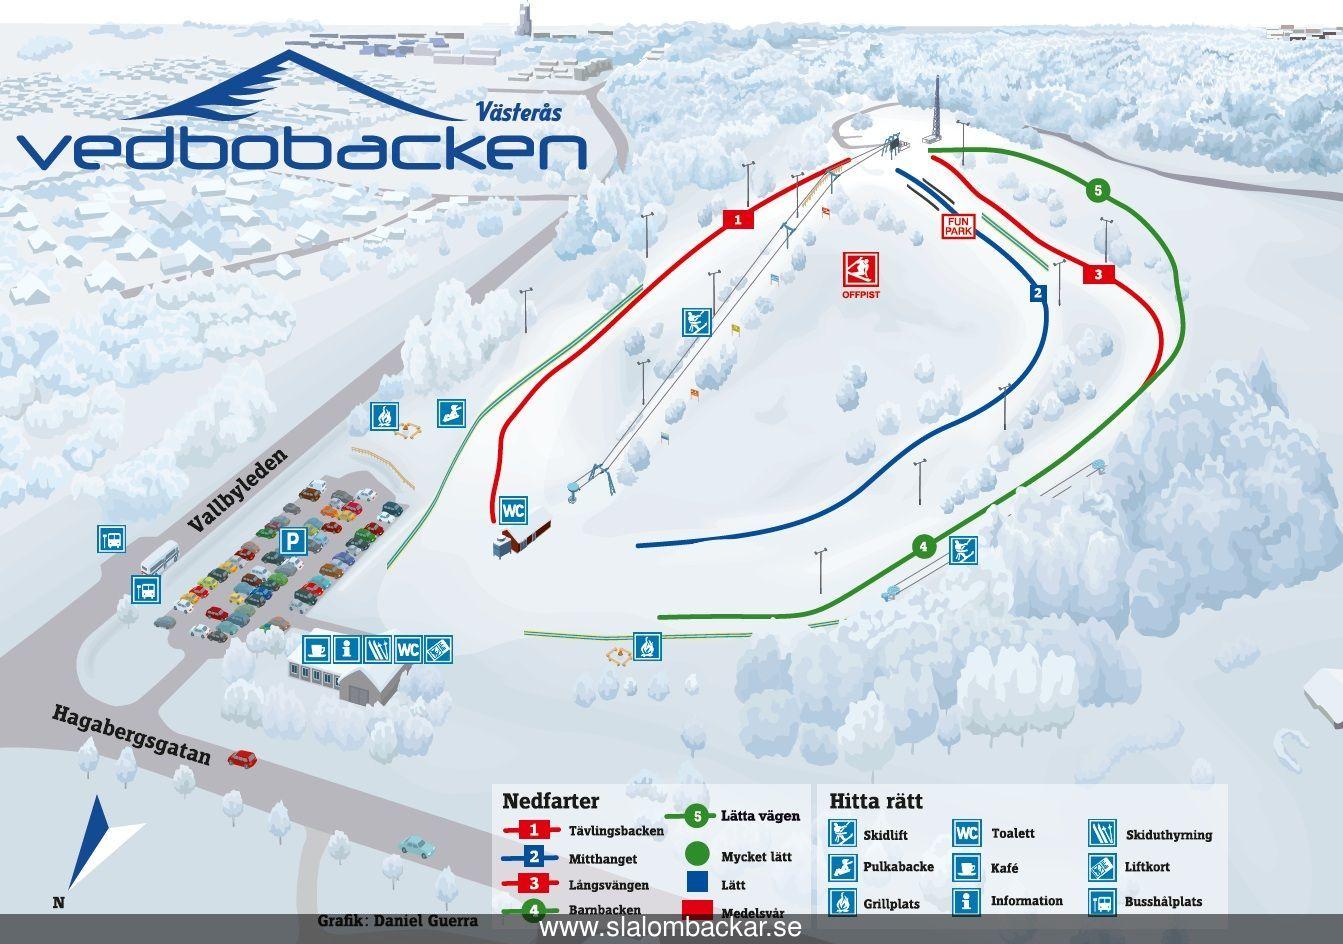 Vedbobacken Slalombacke Västerås Västmanland Skidort Sverige 523c2259d9c84